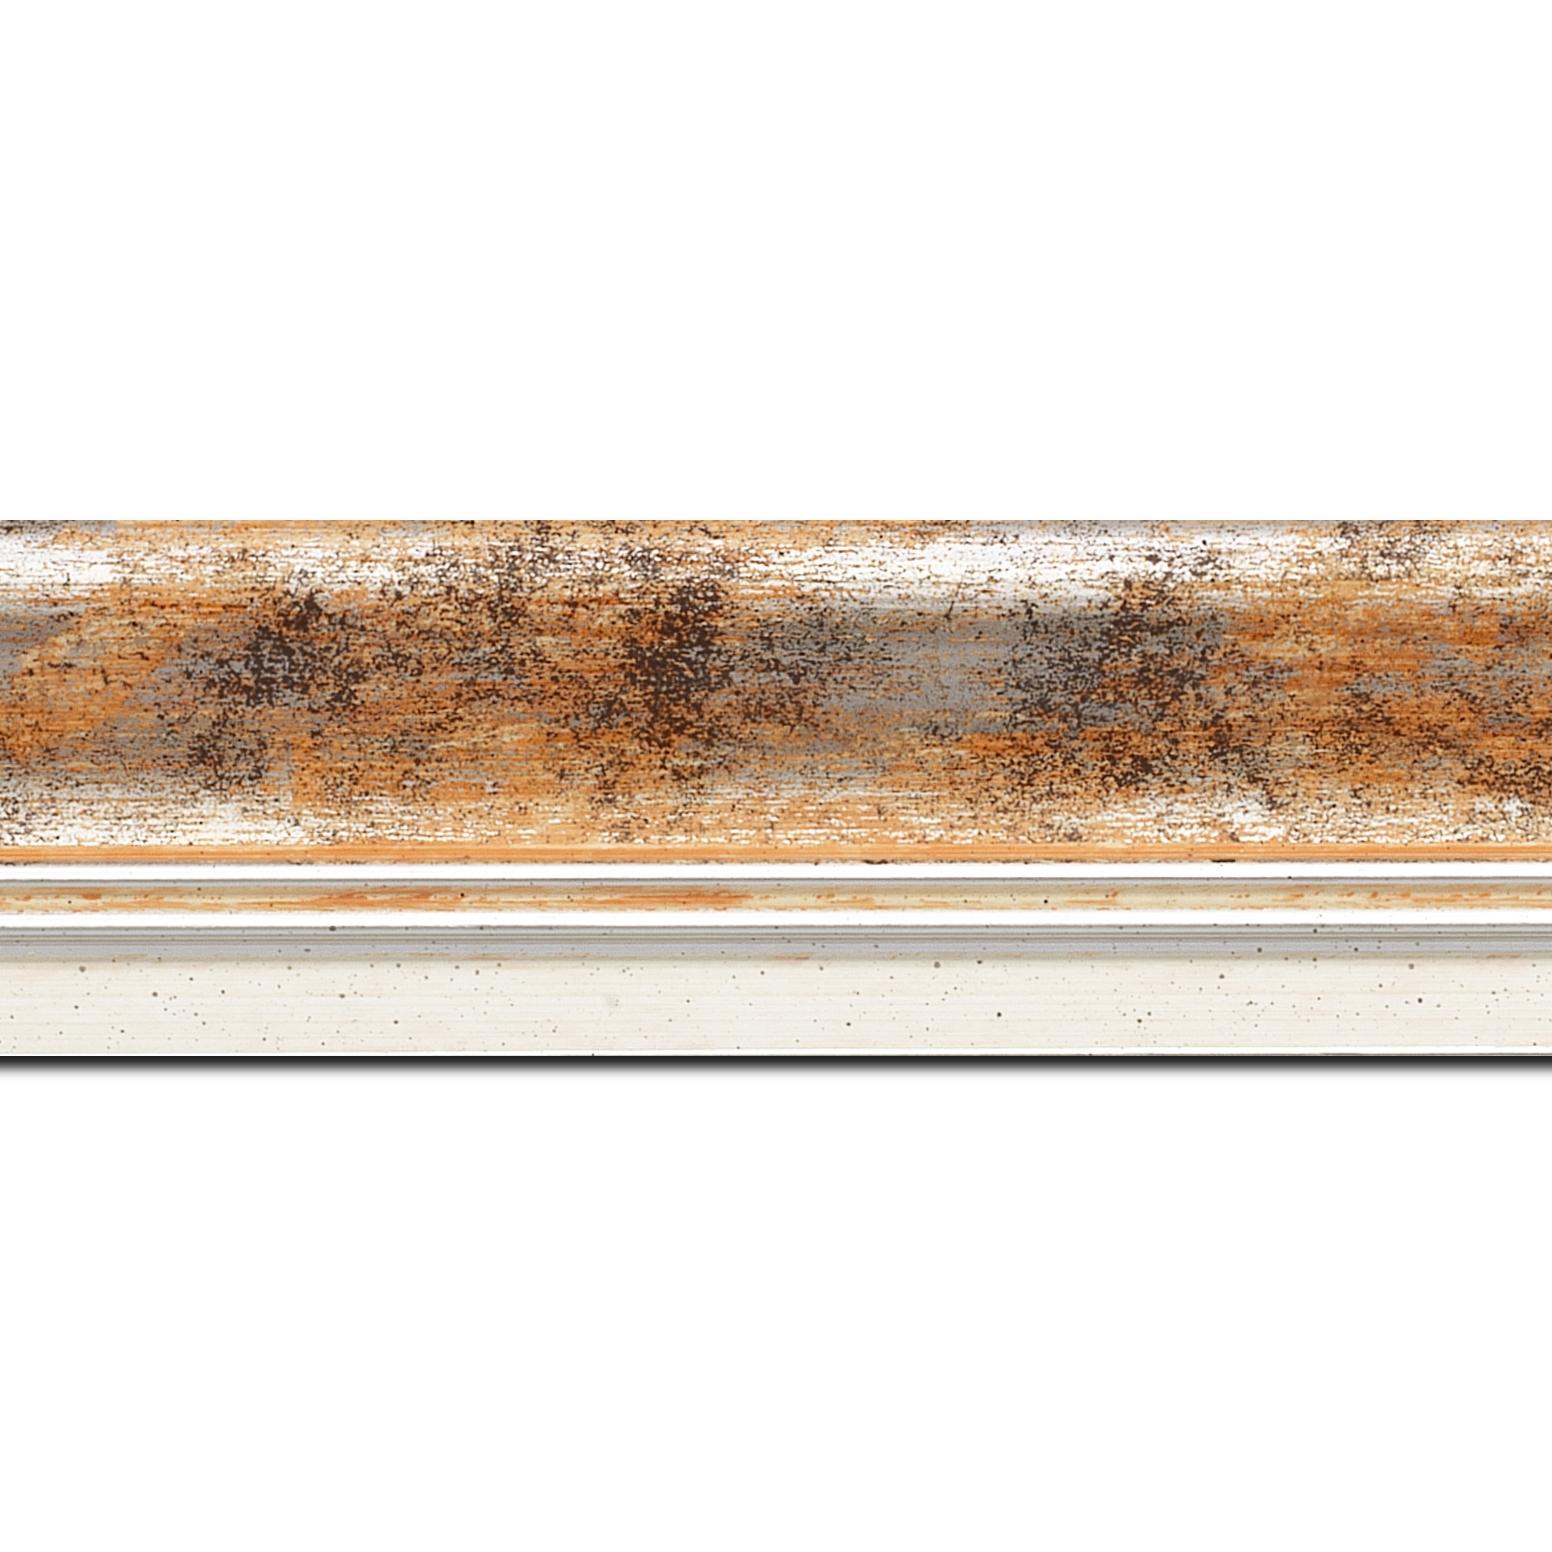 Pack par 12m, bois profil incurvé largeur 5.7cm de couleur orange fond argent marie louise blanche mouchetée filet argent intégré(longueur baguette pouvant varier entre 2.40m et 3m selon arrivage des bois)